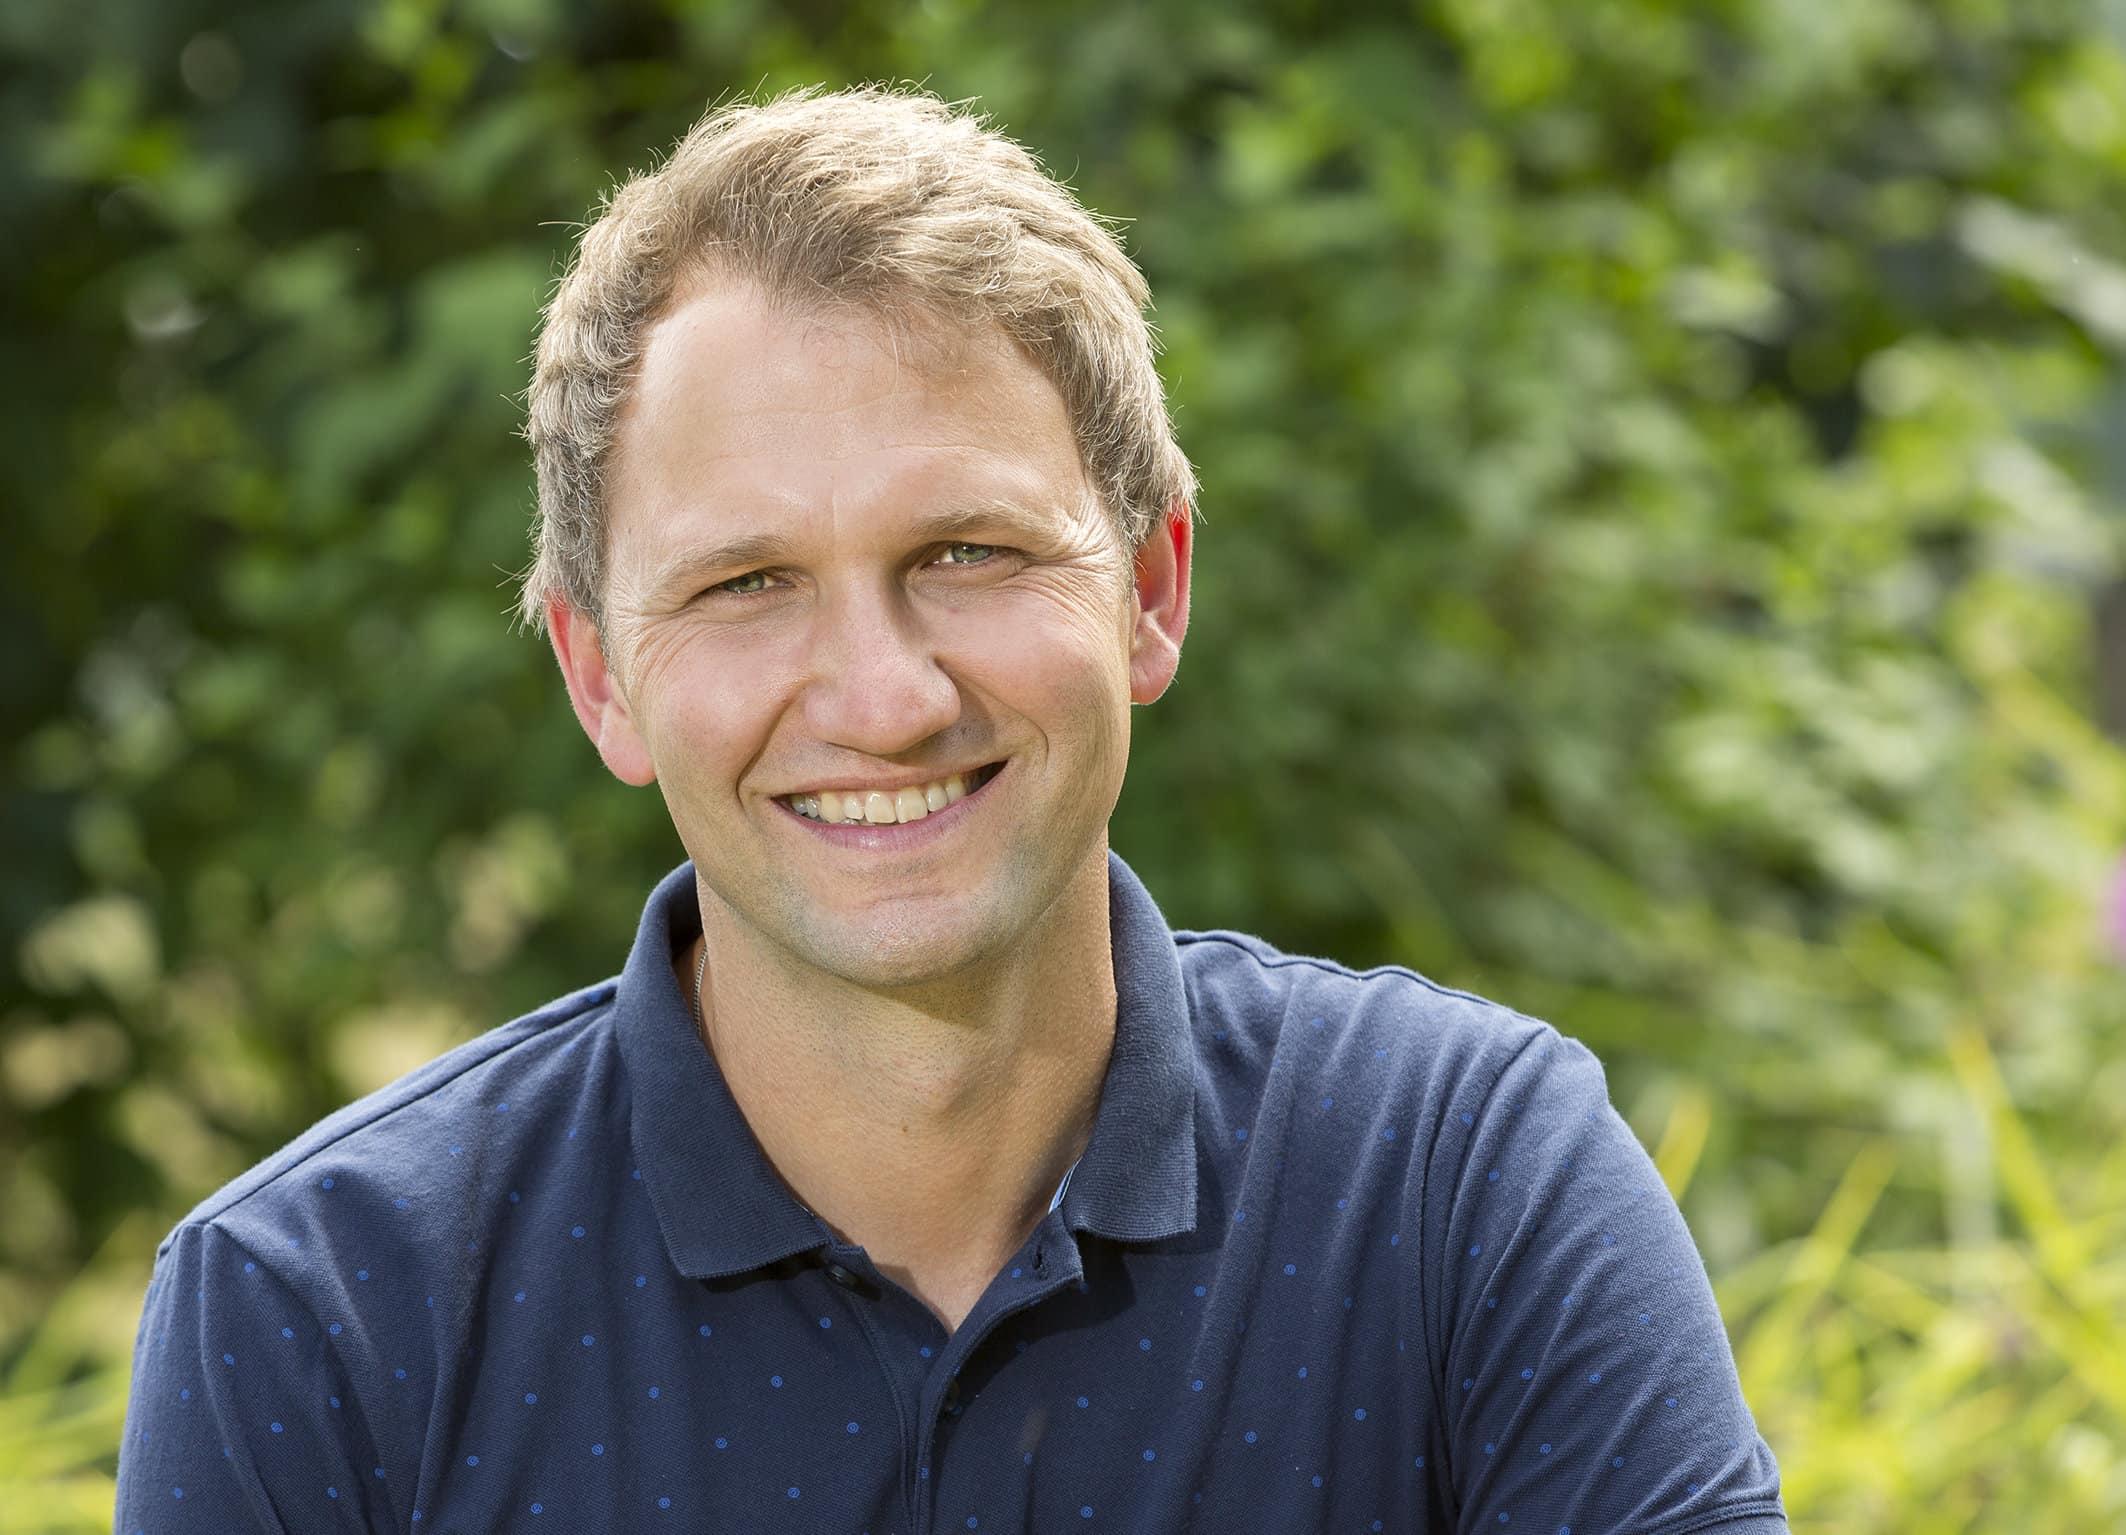 Heiner Baumhoer